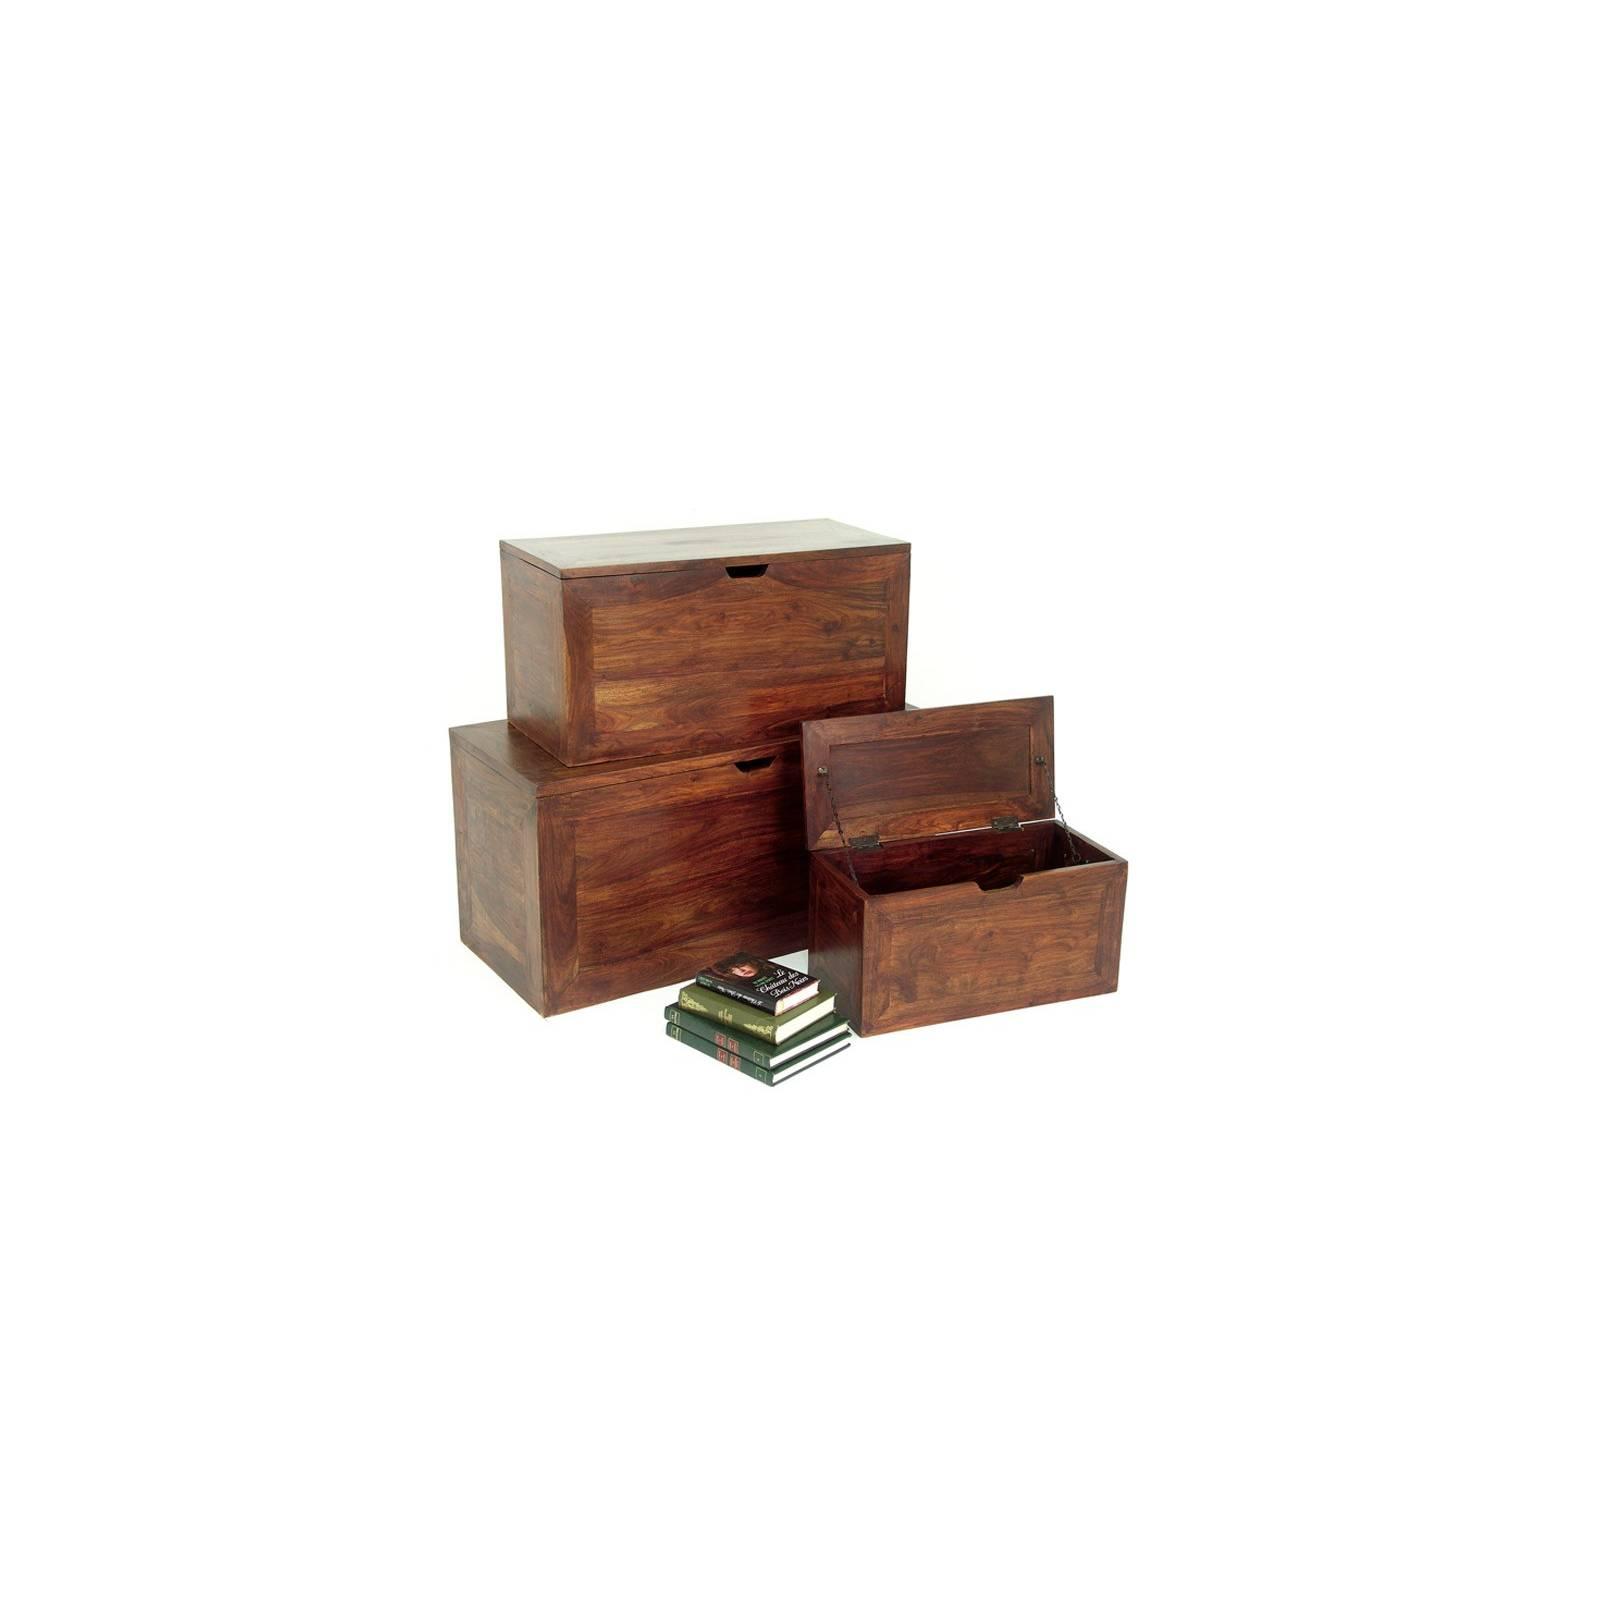 Coffre Gigogne Palissandre S/3 Zen - meubles bois exotique